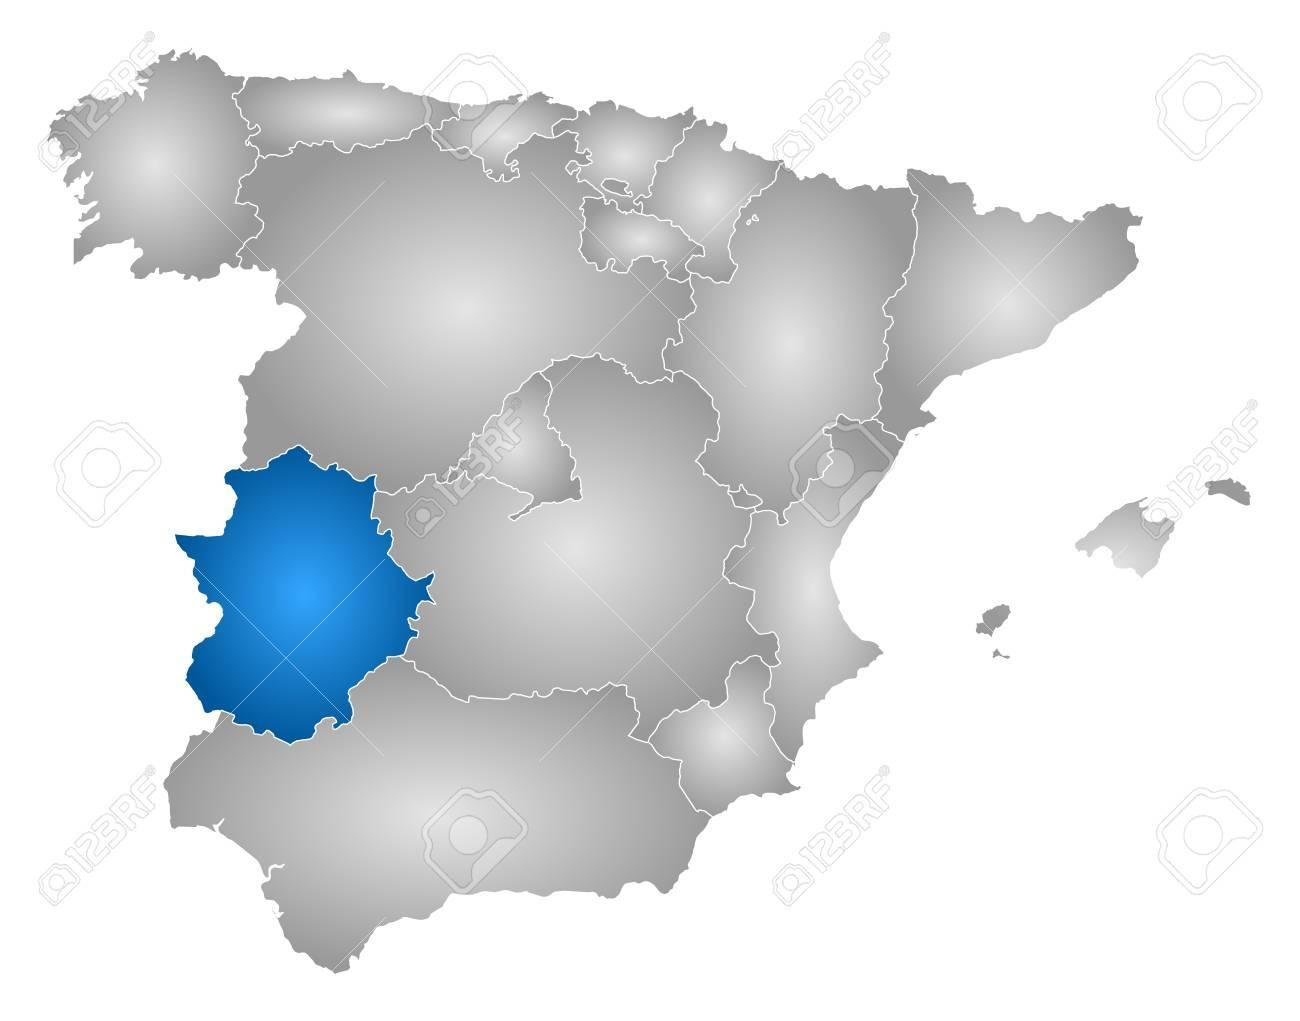 Karte Von Spanien Mit Den Provinzen Gefullt Mit Einem Radialen